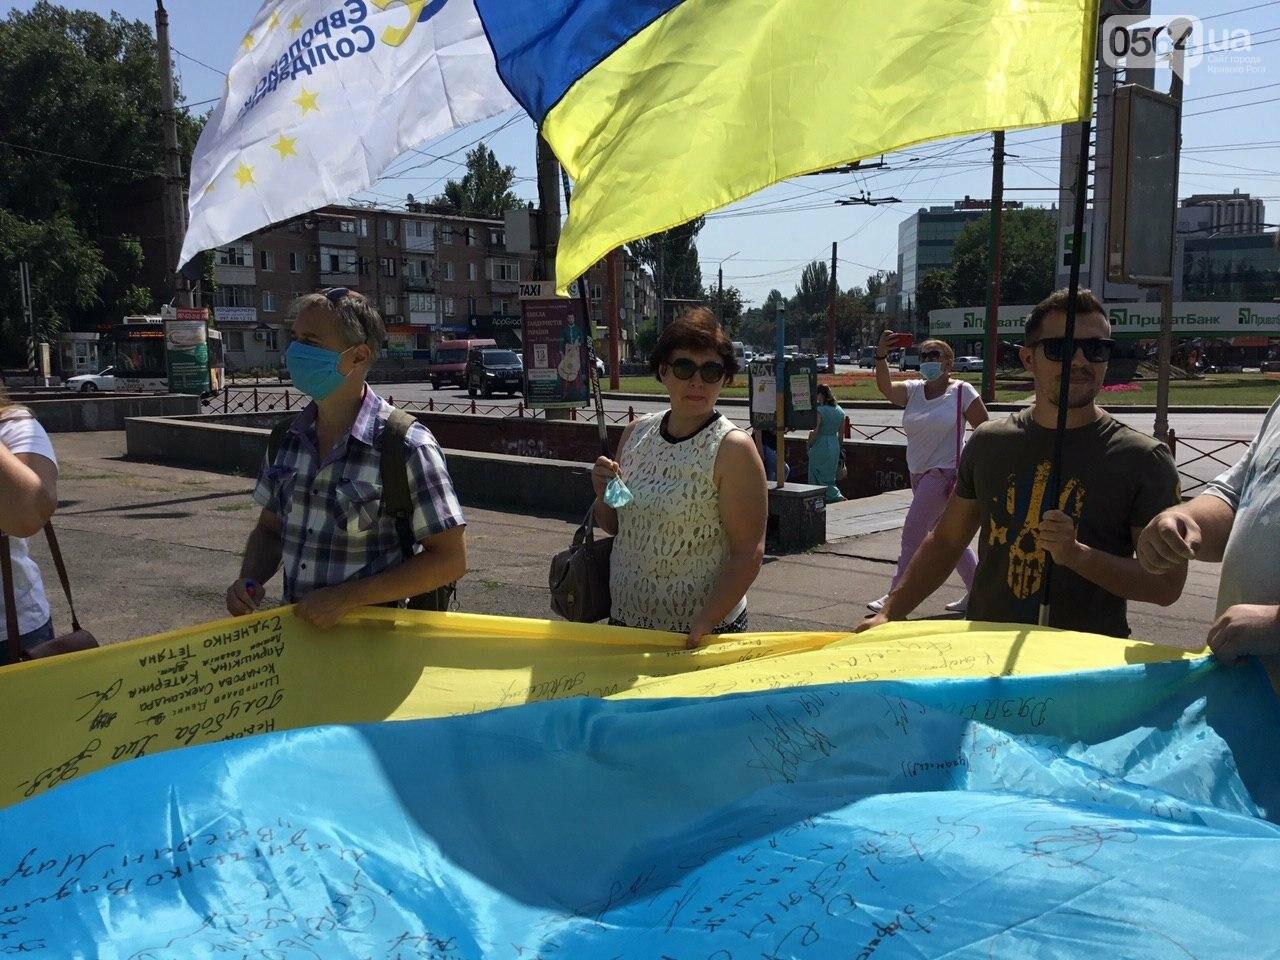 """""""Українці - брати, Разом ми - сила!"""", - какие пожелания и призывы написали криворожане на Знамени Единства, - ФОТО, ВИДЕО, фото-5"""